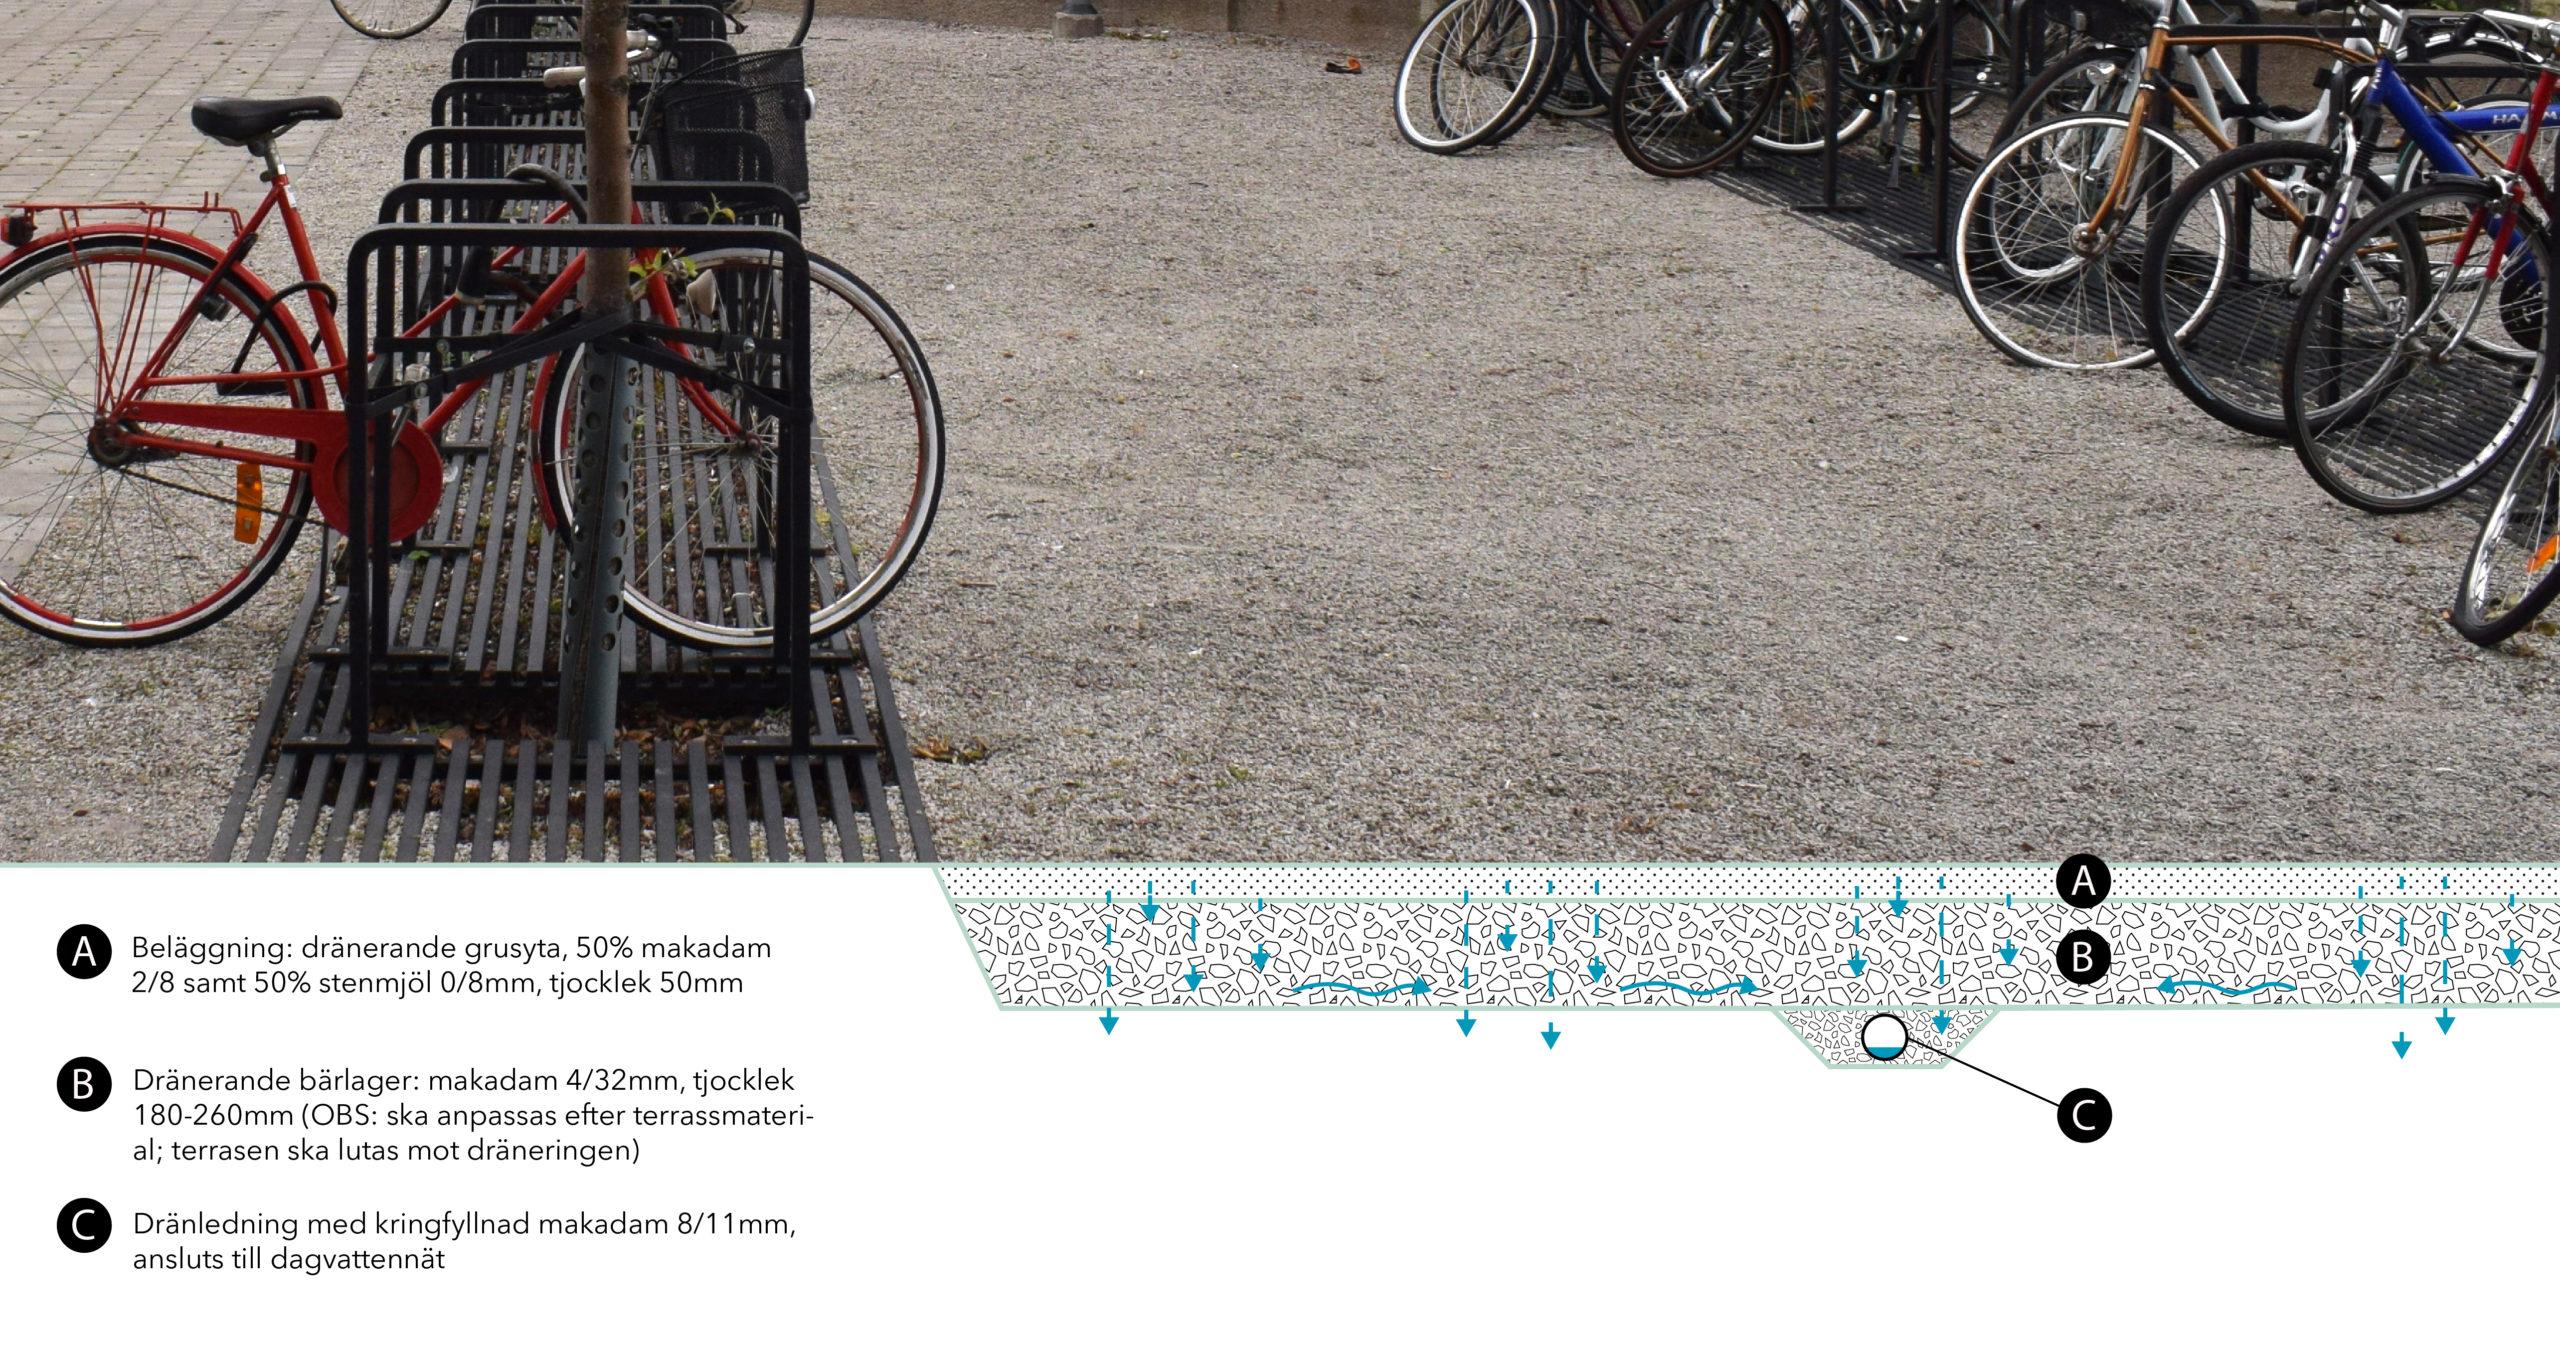 Parkerade cyklar med grus runtom, illustration av konstruktionen undertill